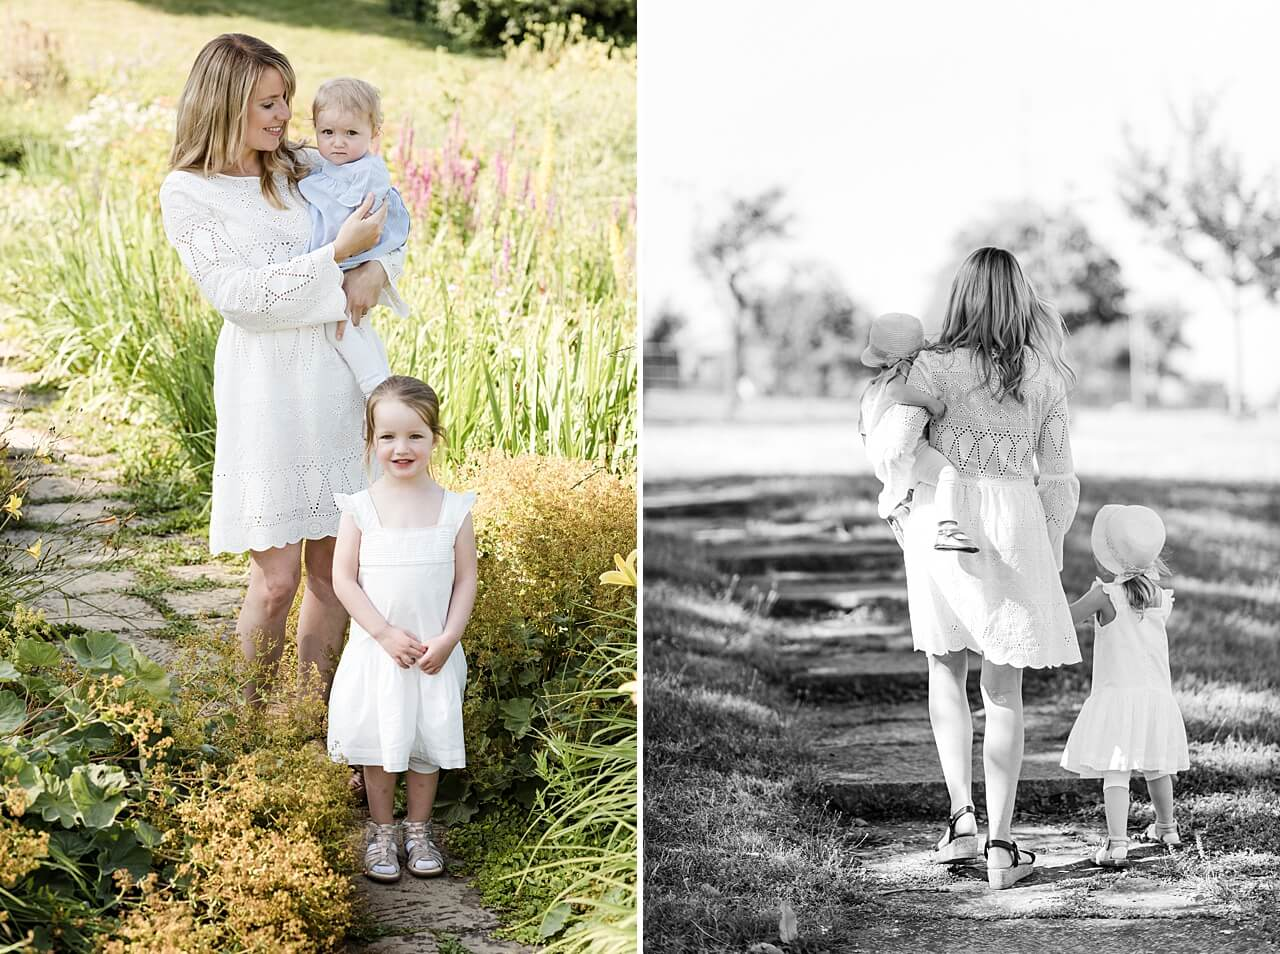 Rebecca Conte Fotografie: Sommerliche Familienbilder im Abendlicht 19